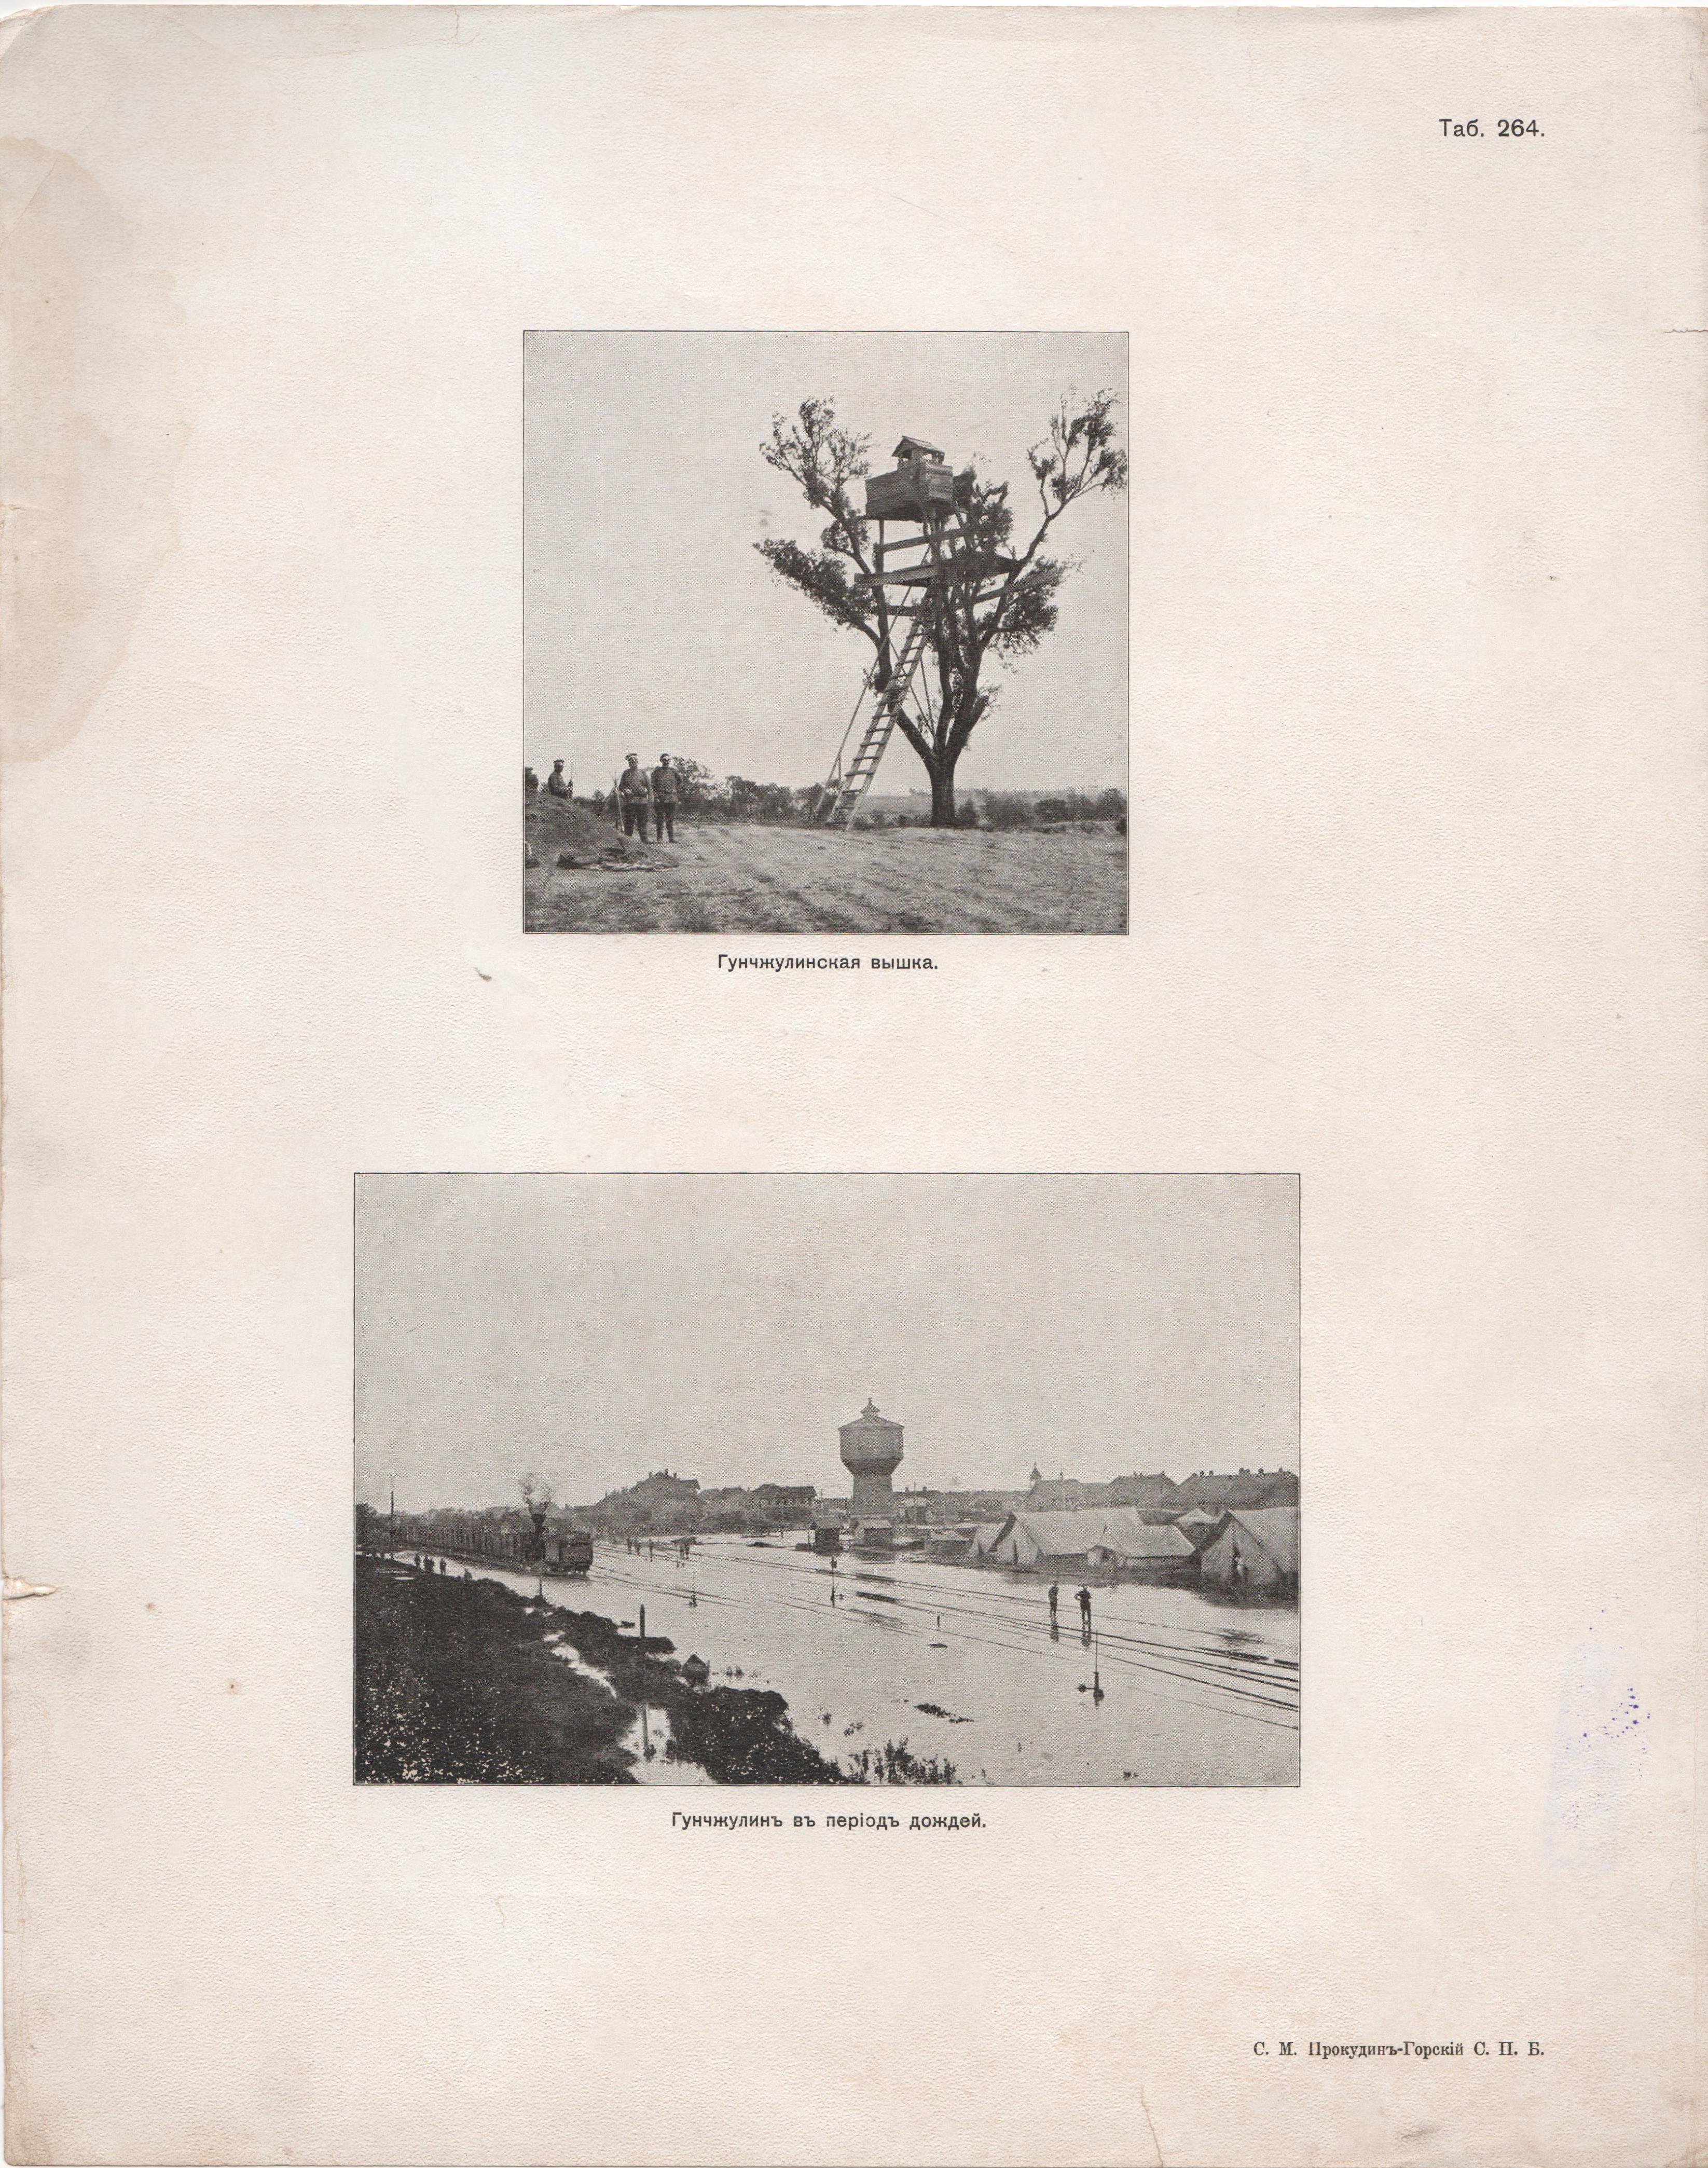 Таблиці по російсько-японській війні. Чорно-білі та кольорові. Фоторепродукції (Таб. 264. Гунчжулинская вышка. Гунчжулинъ въ періодъ дождей)